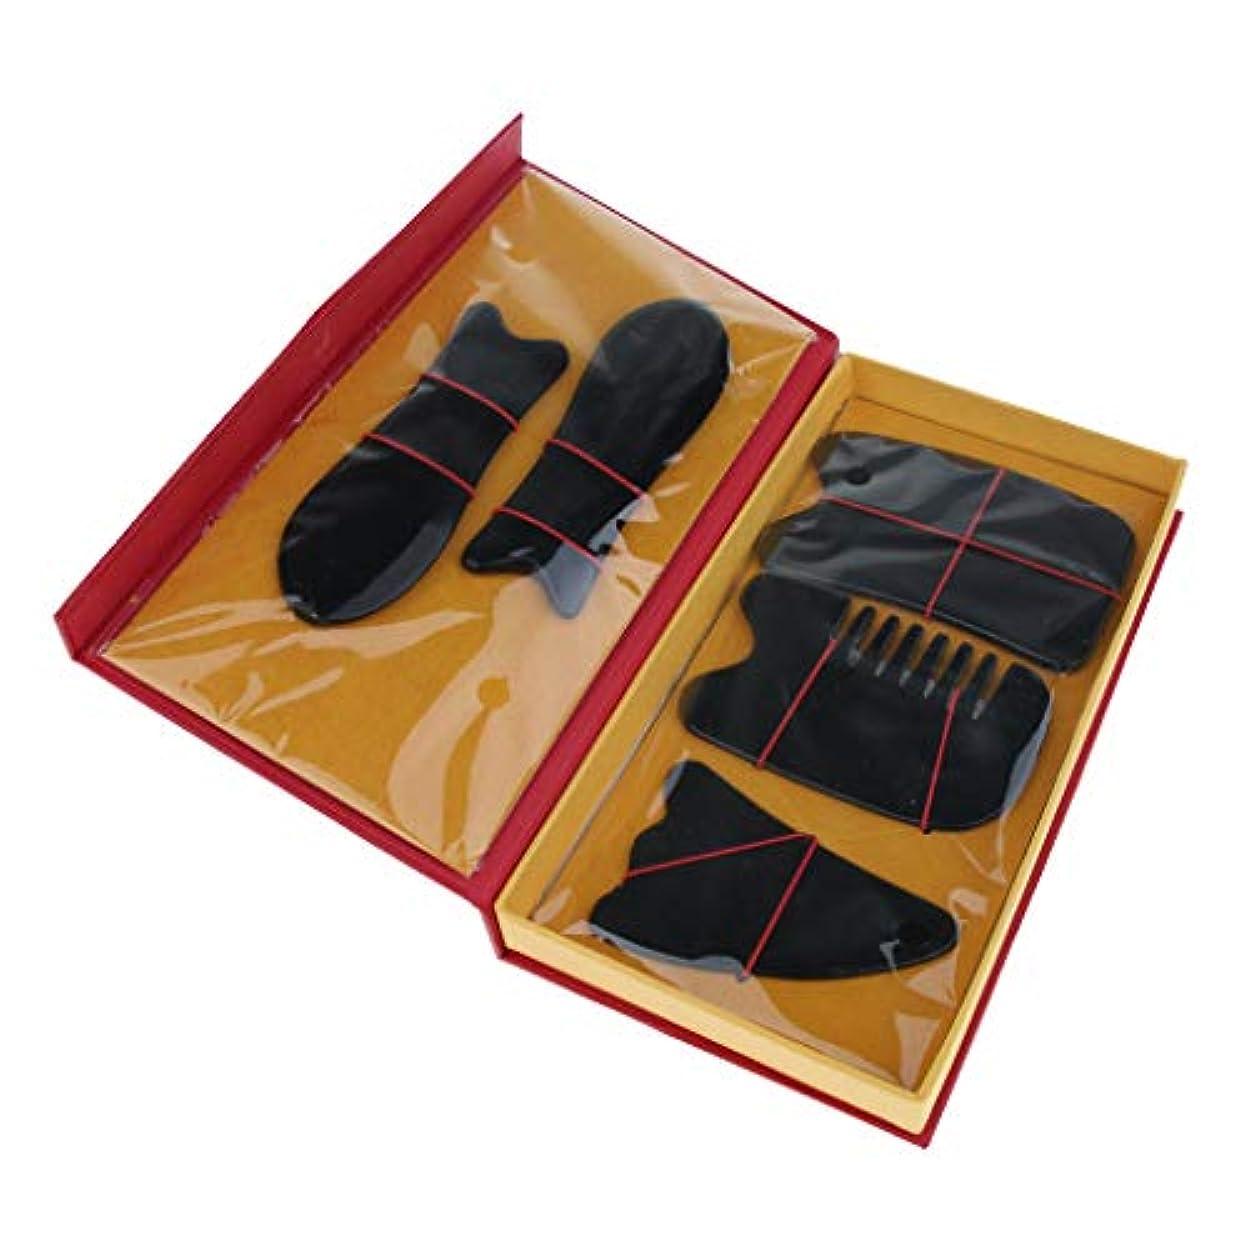 屋内最小化する服Perfeclan 5本セット マッサージボード スクレイピングマッサージ スクレーパーツール 2色選べ - ブラック